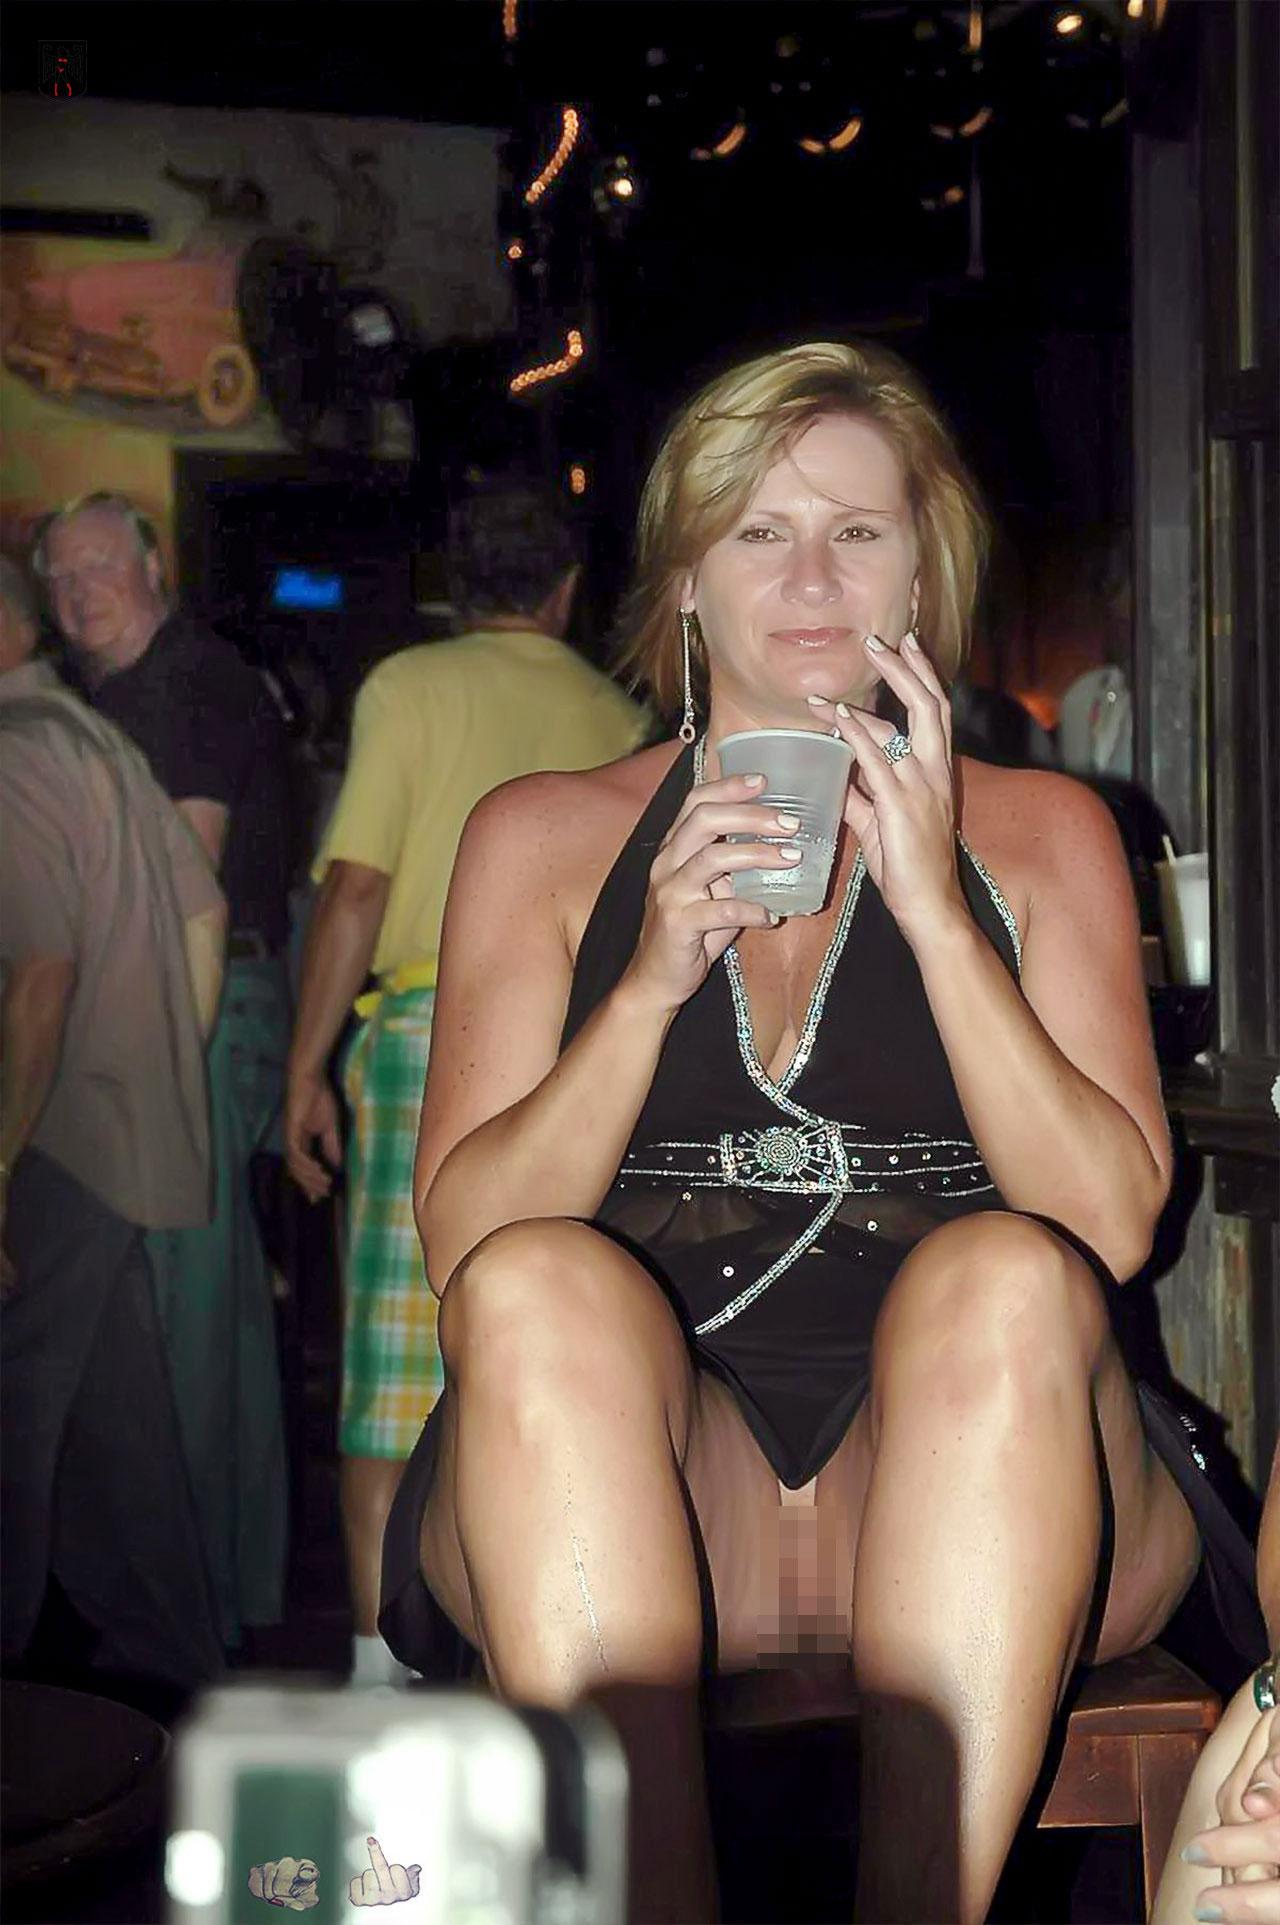 【露出注意】異常に見せたがる人妻熟女のエロ画像集 36枚・25枚目